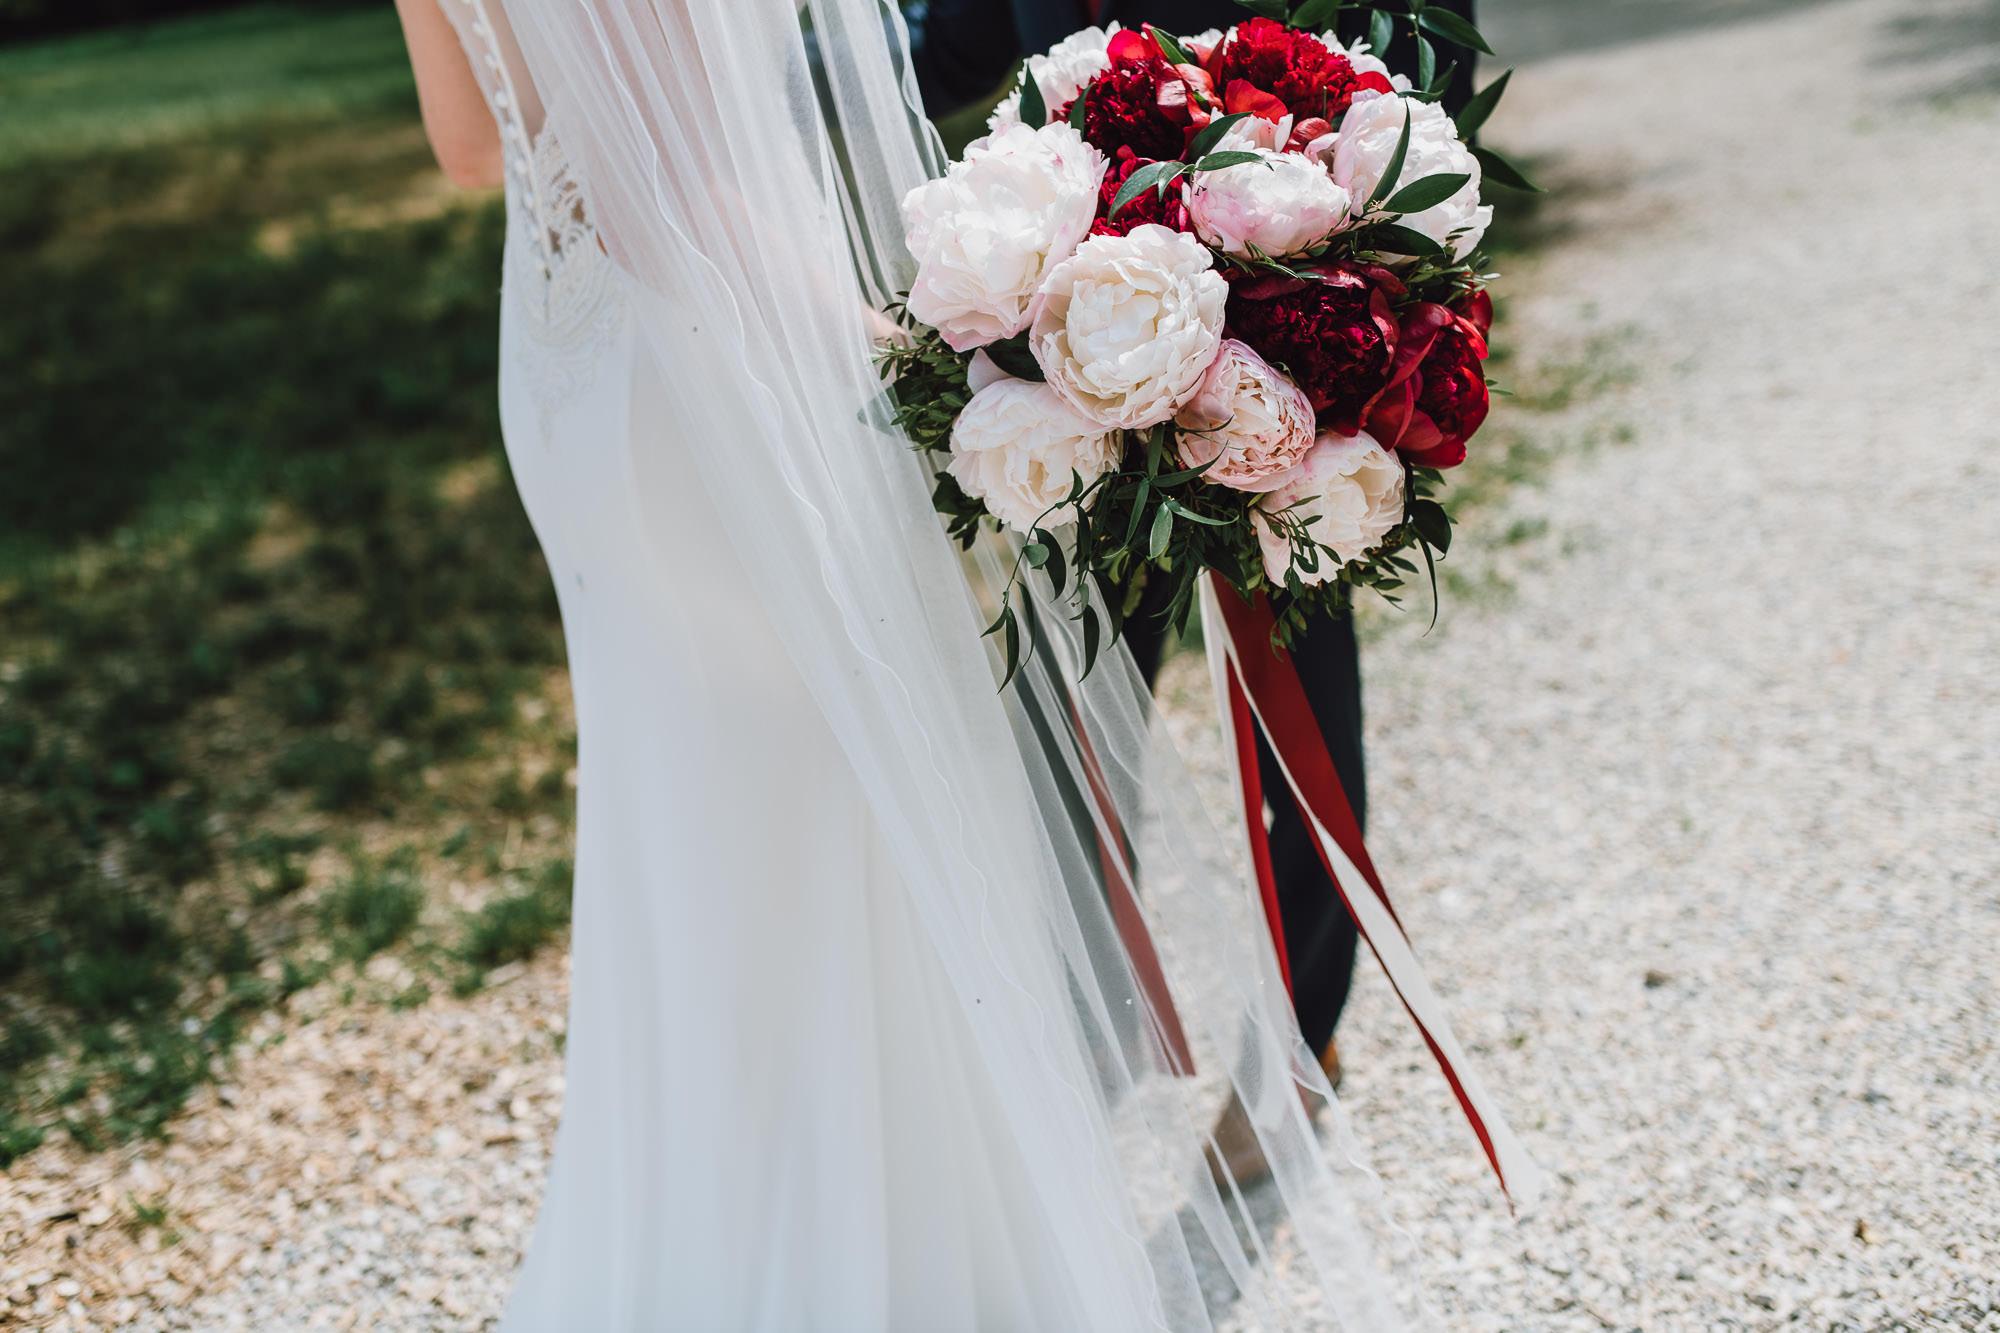 rustic-elegant-wedding-schloss-hochzeit-eyrichshof-franken-bamberg-043